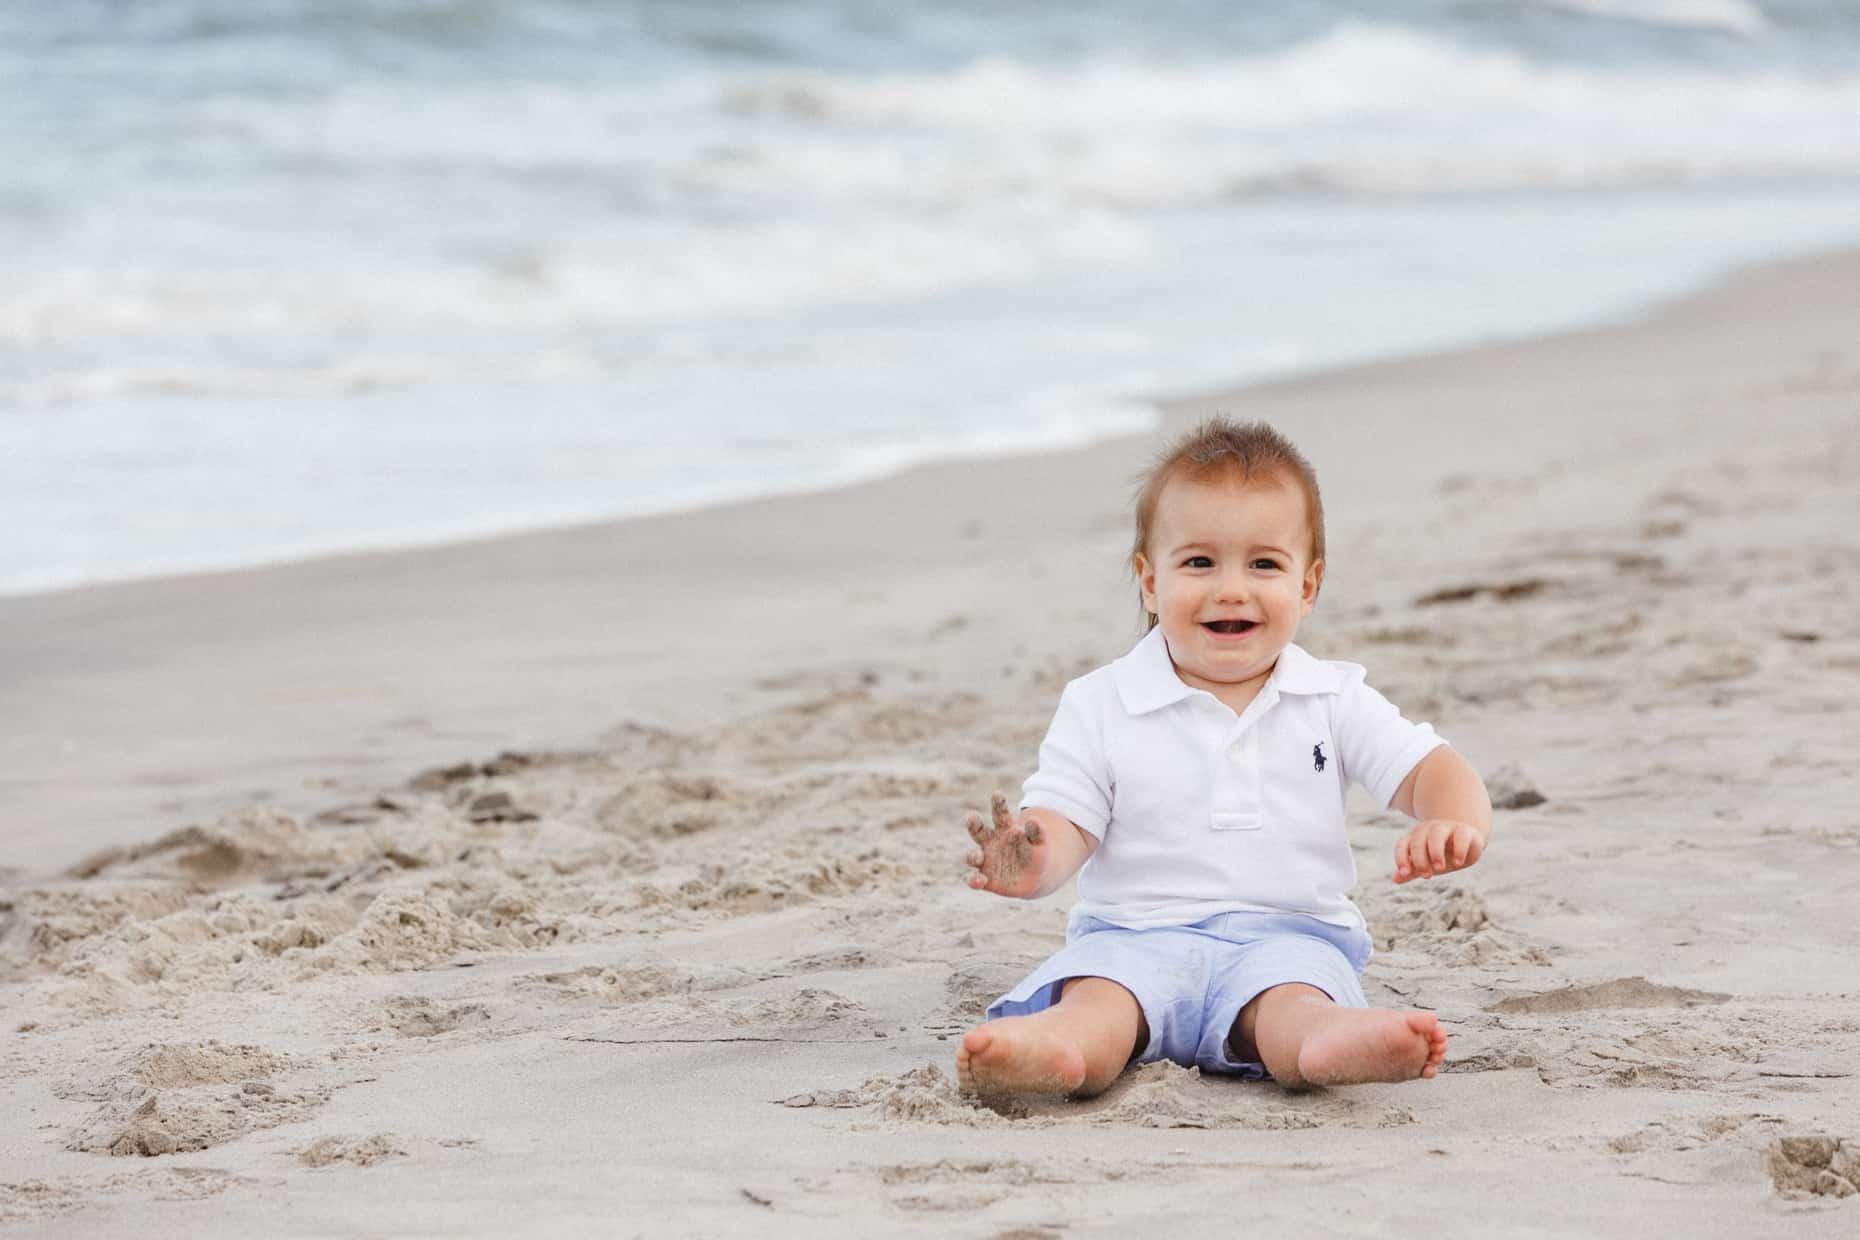 New Jersey beach photos